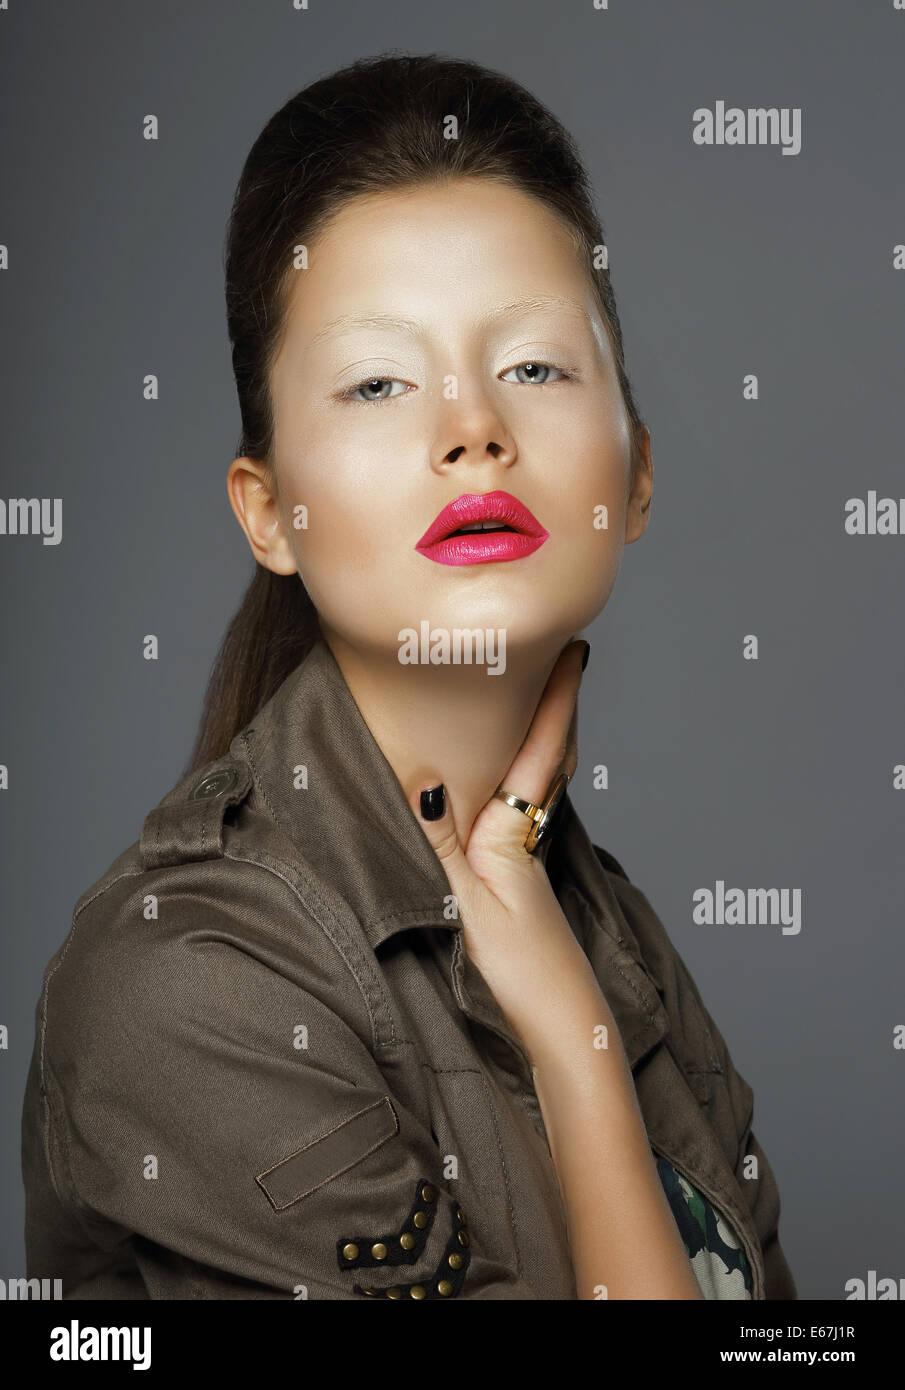 La elegancia. Mujer asiática con maquillaje de moda Imagen De Stock